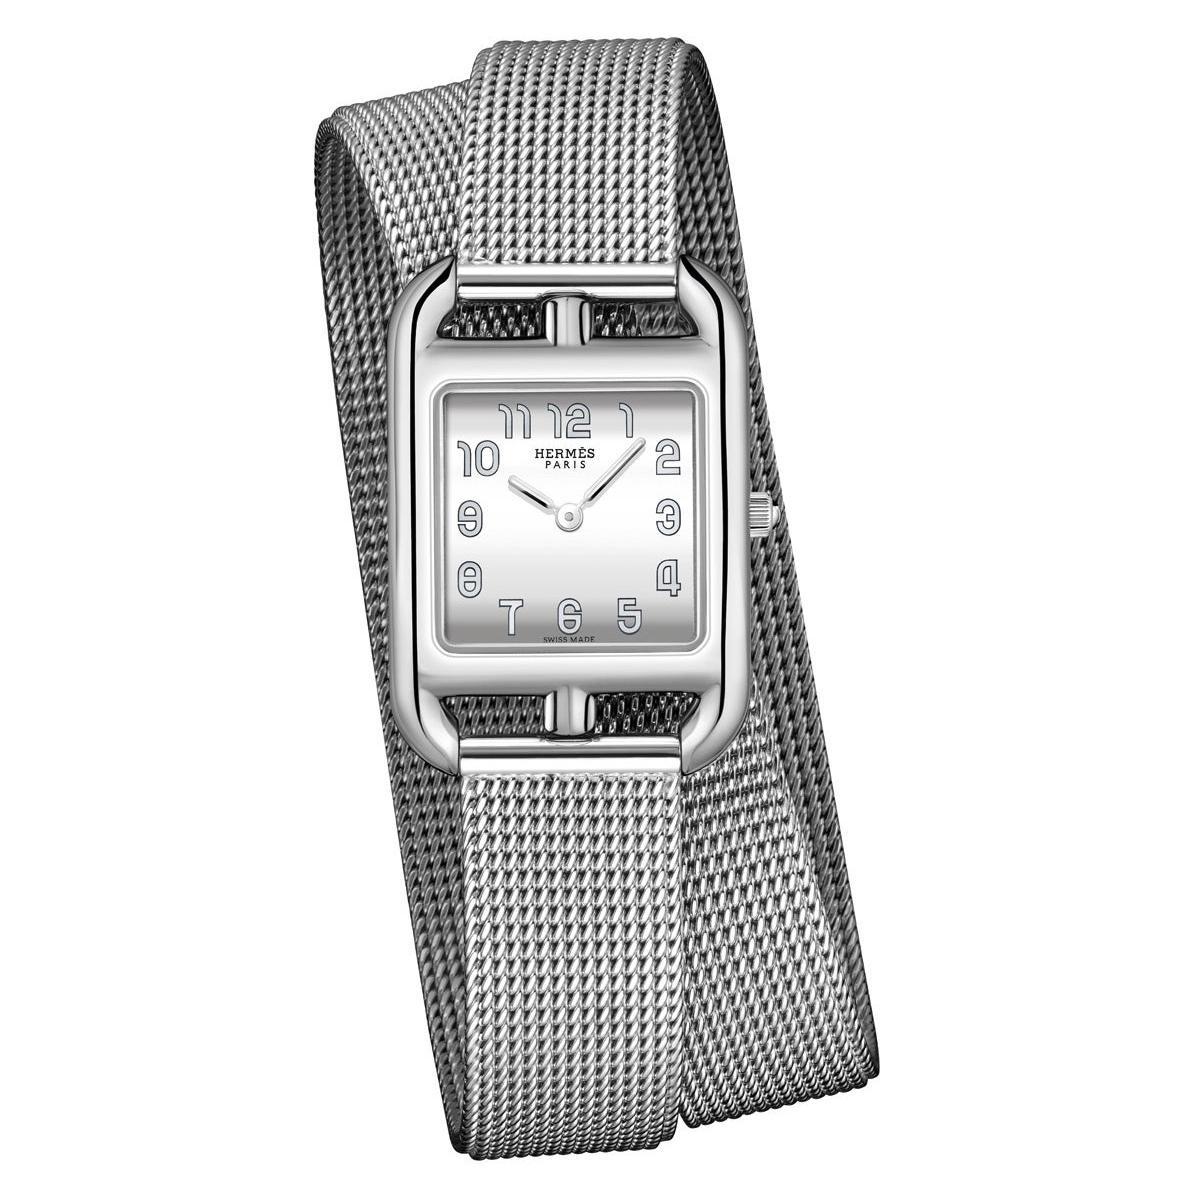 Hermès Watch Cape Cod PM CC1.210.226/4720